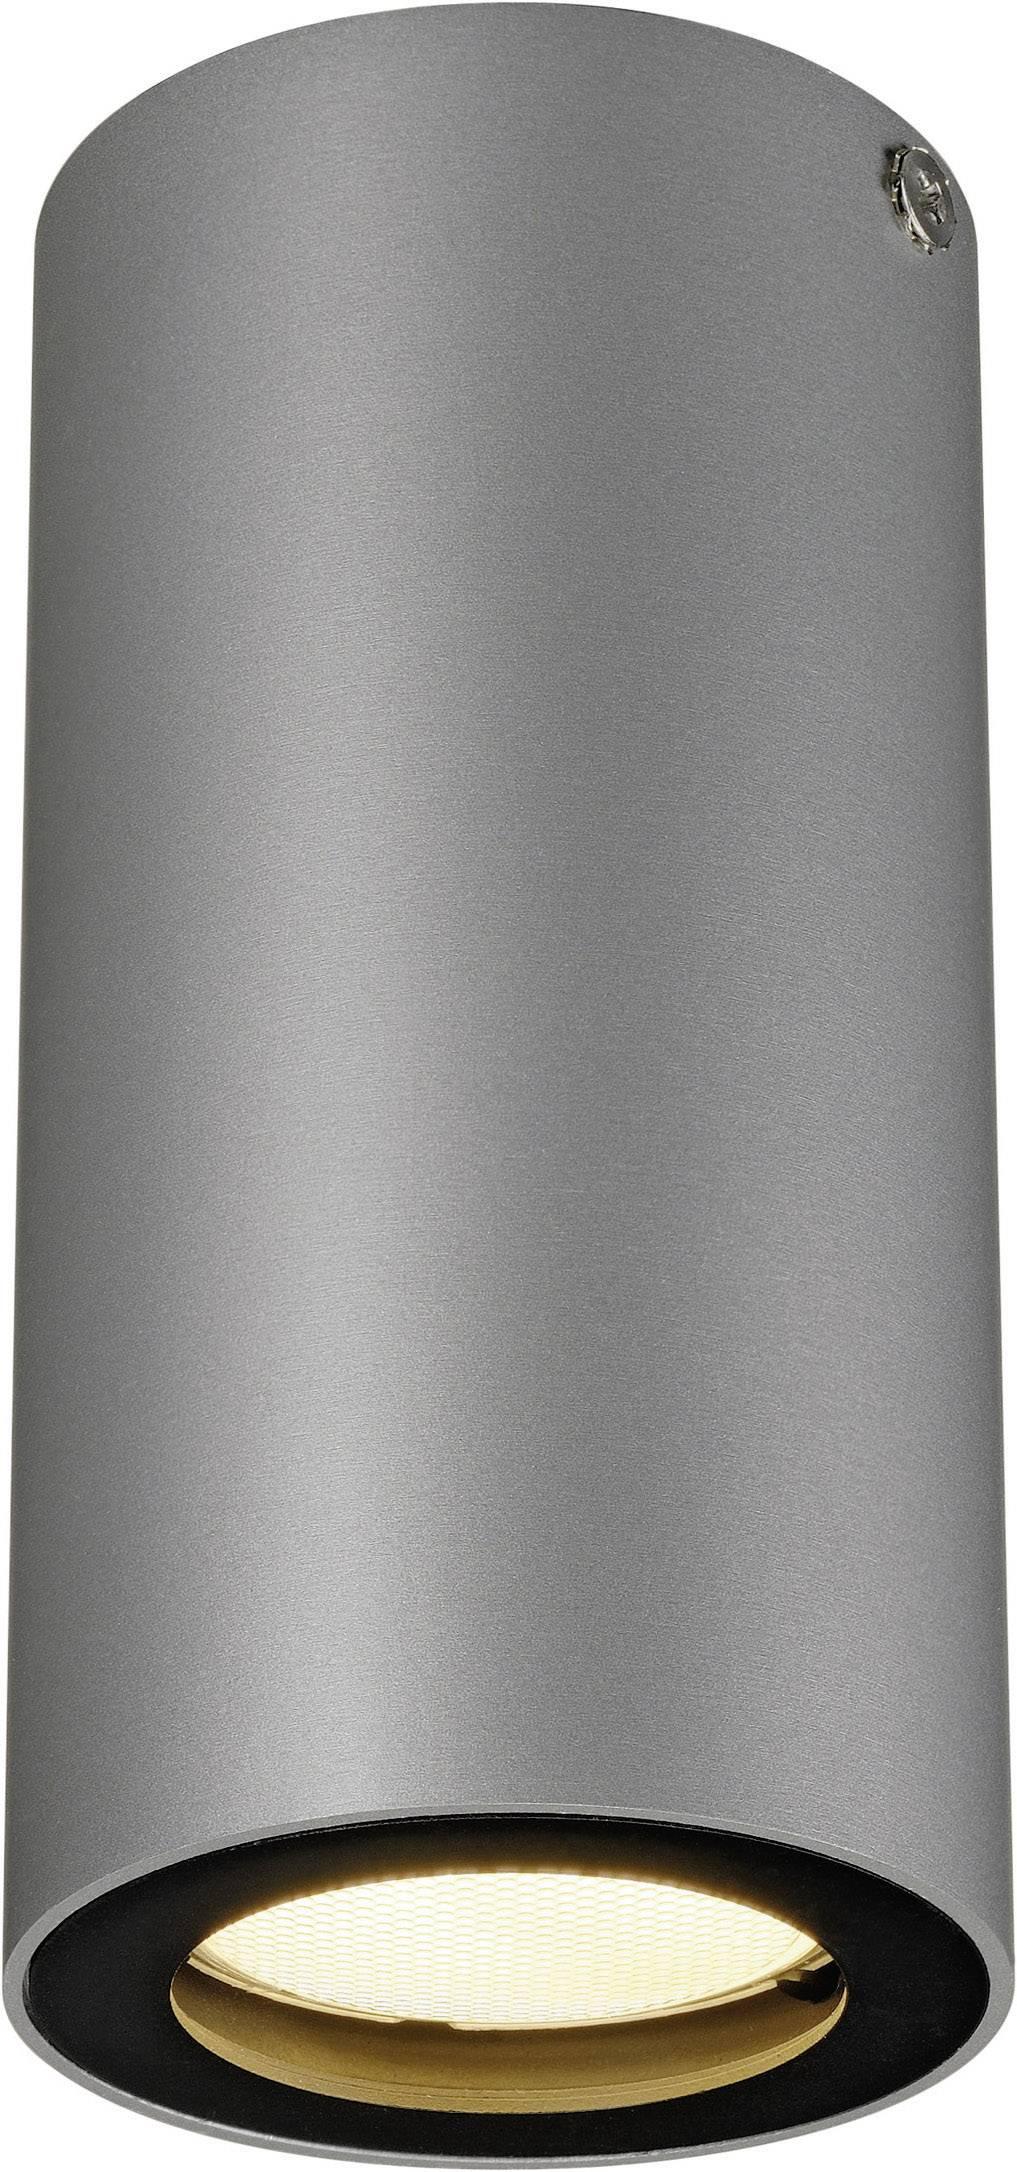 Stropné svetlo halogénová žiarovka, LED SLV Enola_B 151814, GU10, 35 W, sivá, čierna